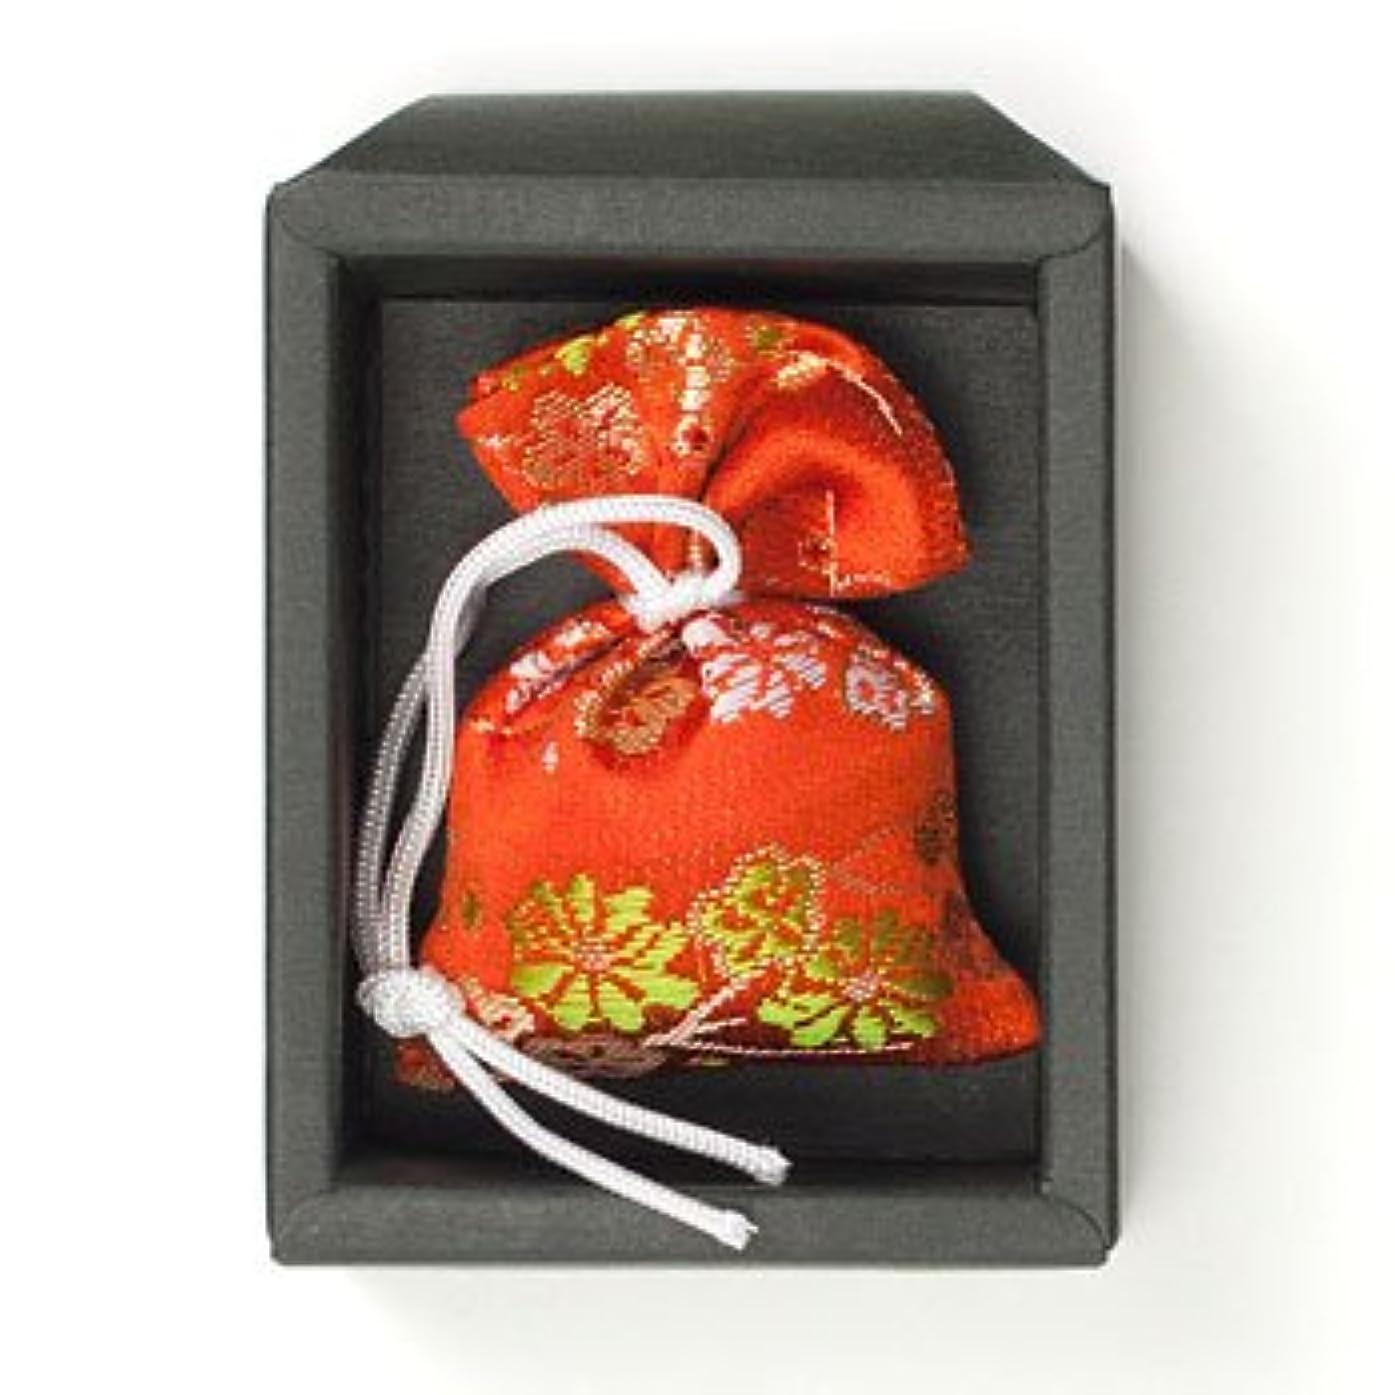 ベーリング海峡パッドベスビオ山匂い袋 誰が袖 極品 1個入 松栄堂 Shoyeido 本体長さ60mm (色?柄は選べません)